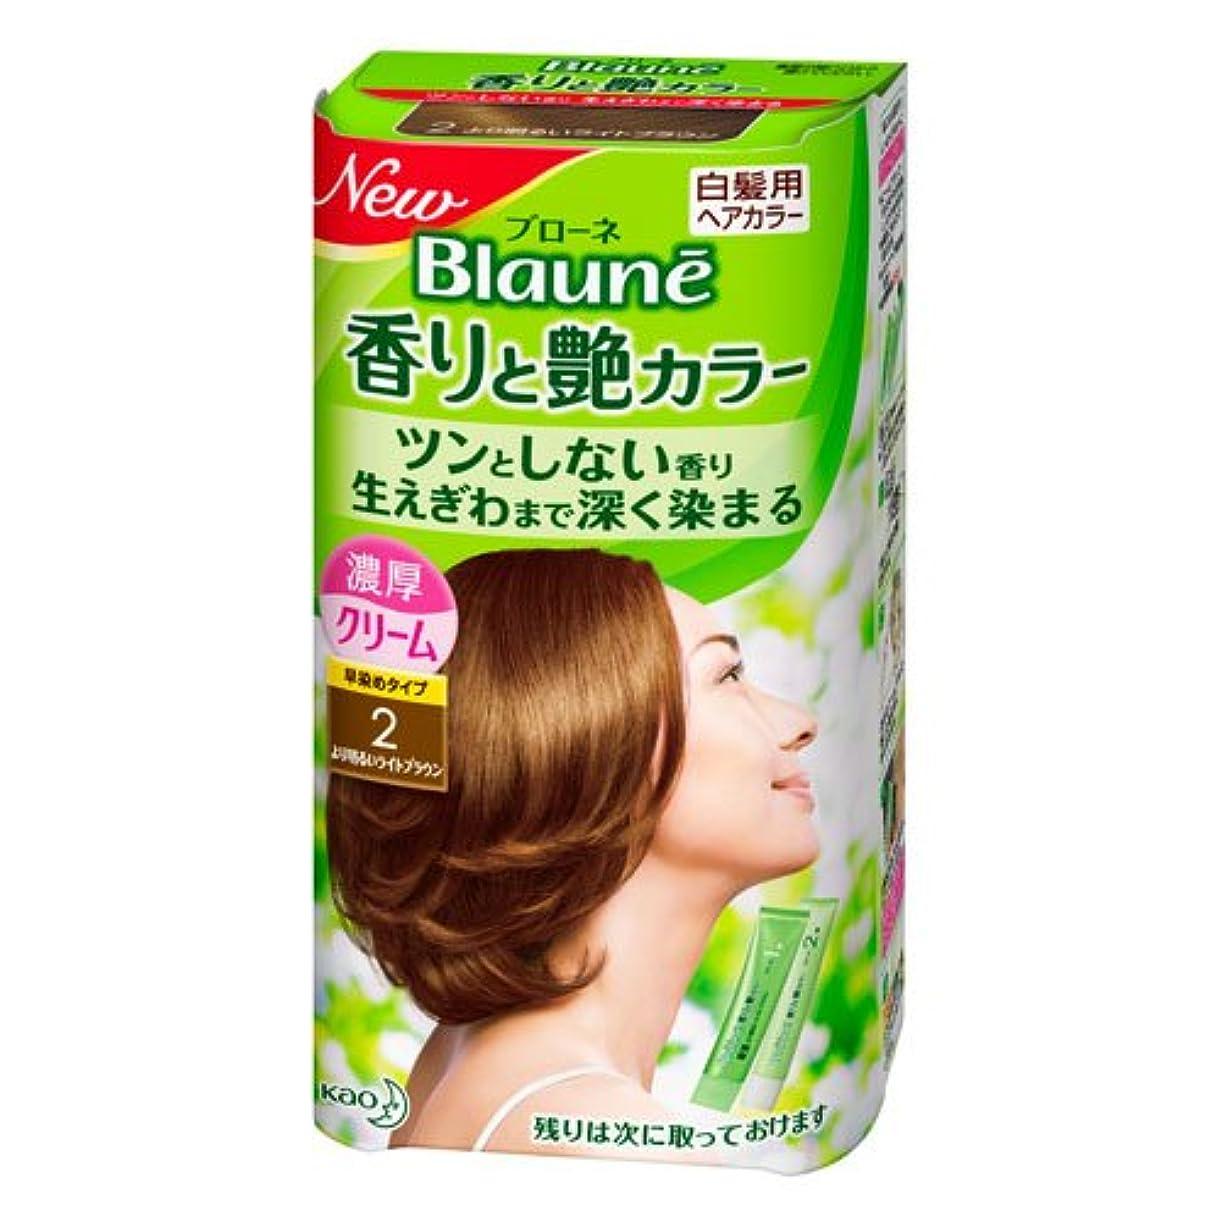 配分費用思いやり【花王】ブローネ 香りと艶カラー クリーム 2:より明るいライトブラウン 80g ×10個セット